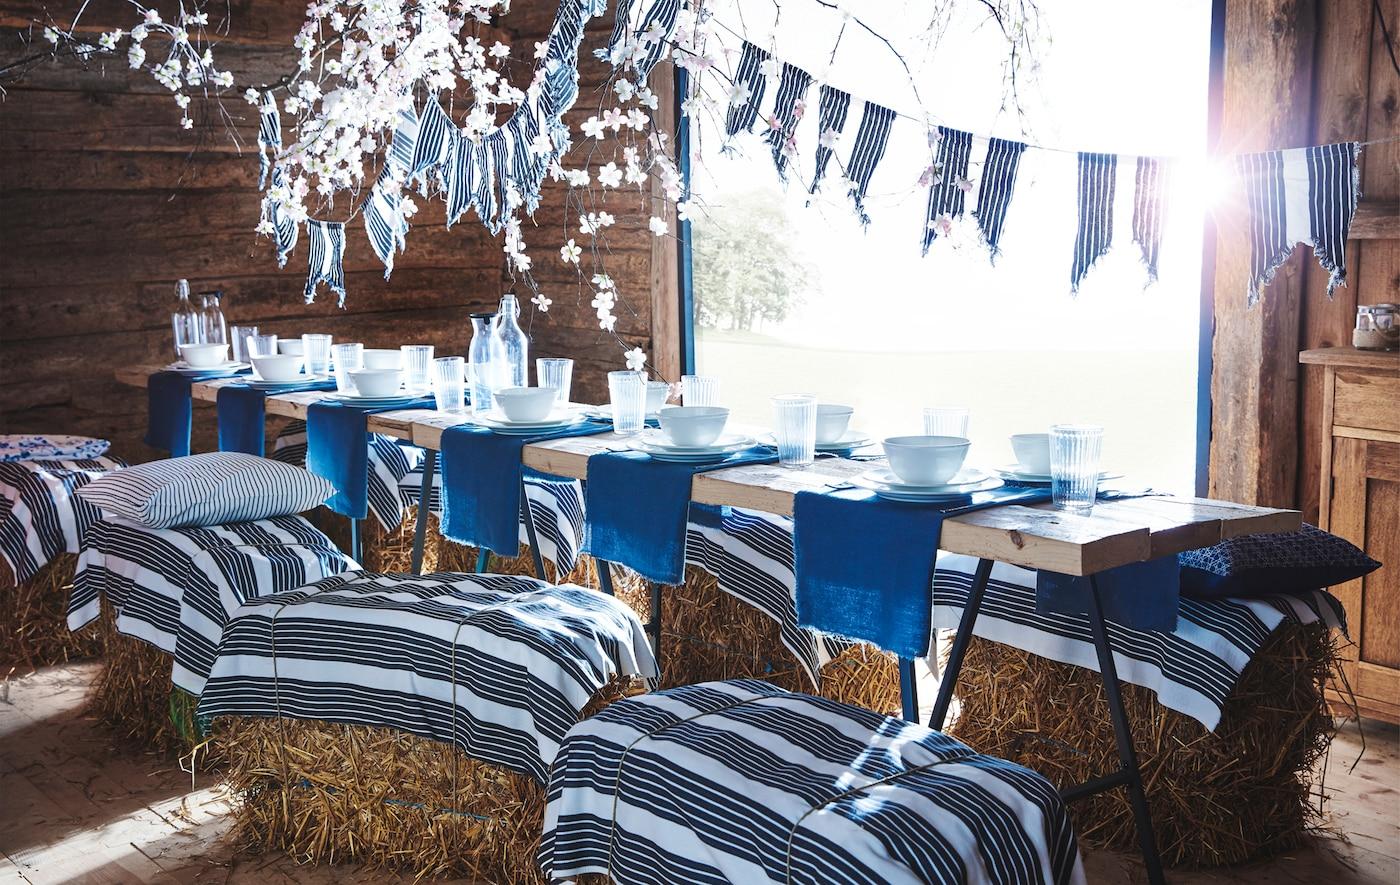 Egy hosszú fa deszka, mint asztal, kék és fehér terítékkel, az ülőhelyek csíkos anyagokkal lefedett szalmabálák.